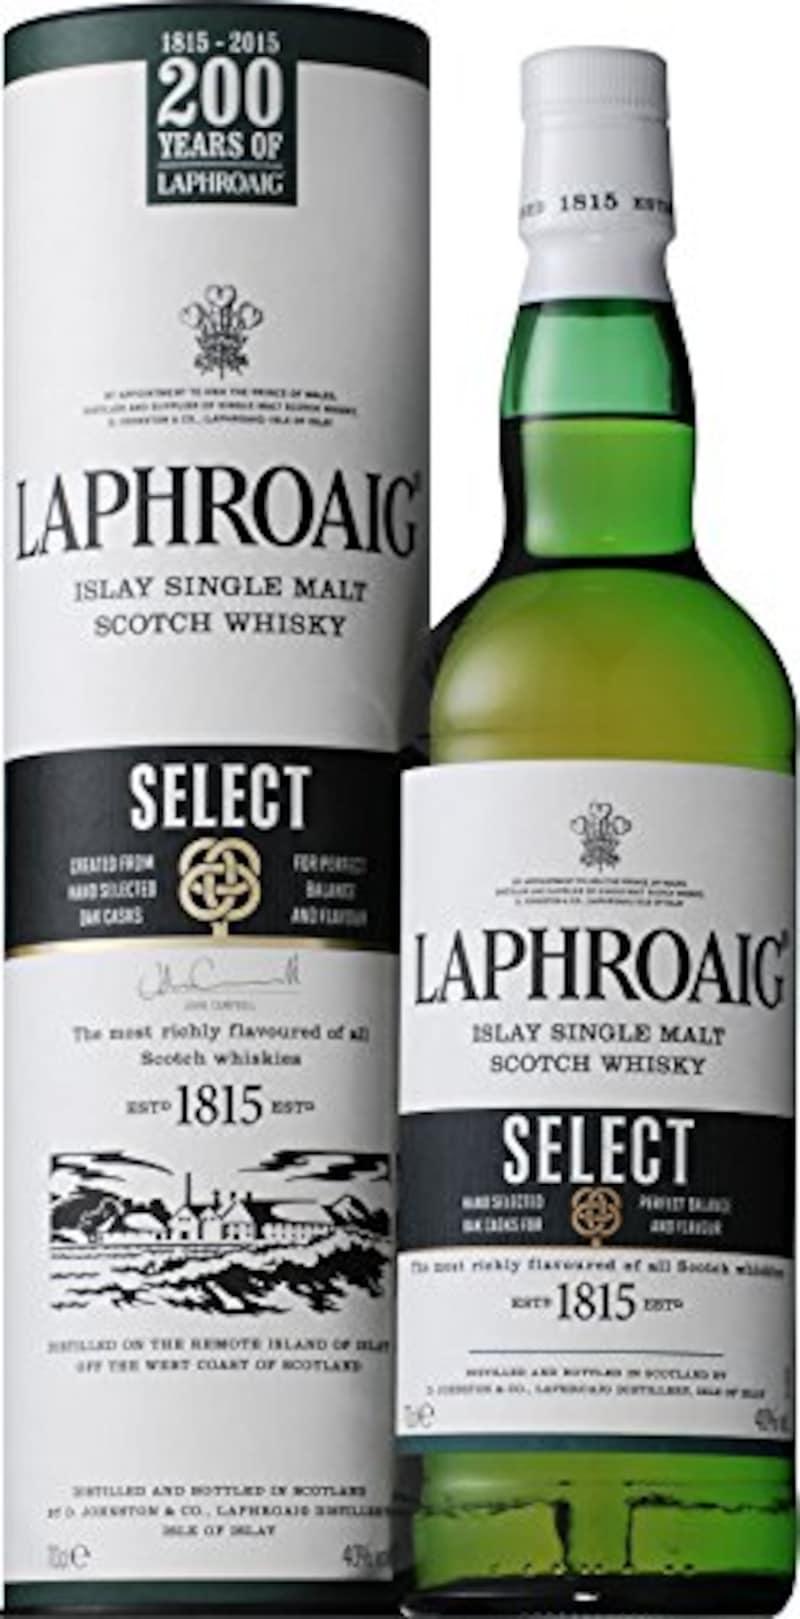 LAPHROAIG(ラフロイグ), LAPHROAIG(ラフロイグ) シングルモルト ウイスキー ラフロイグ セレクトカスク